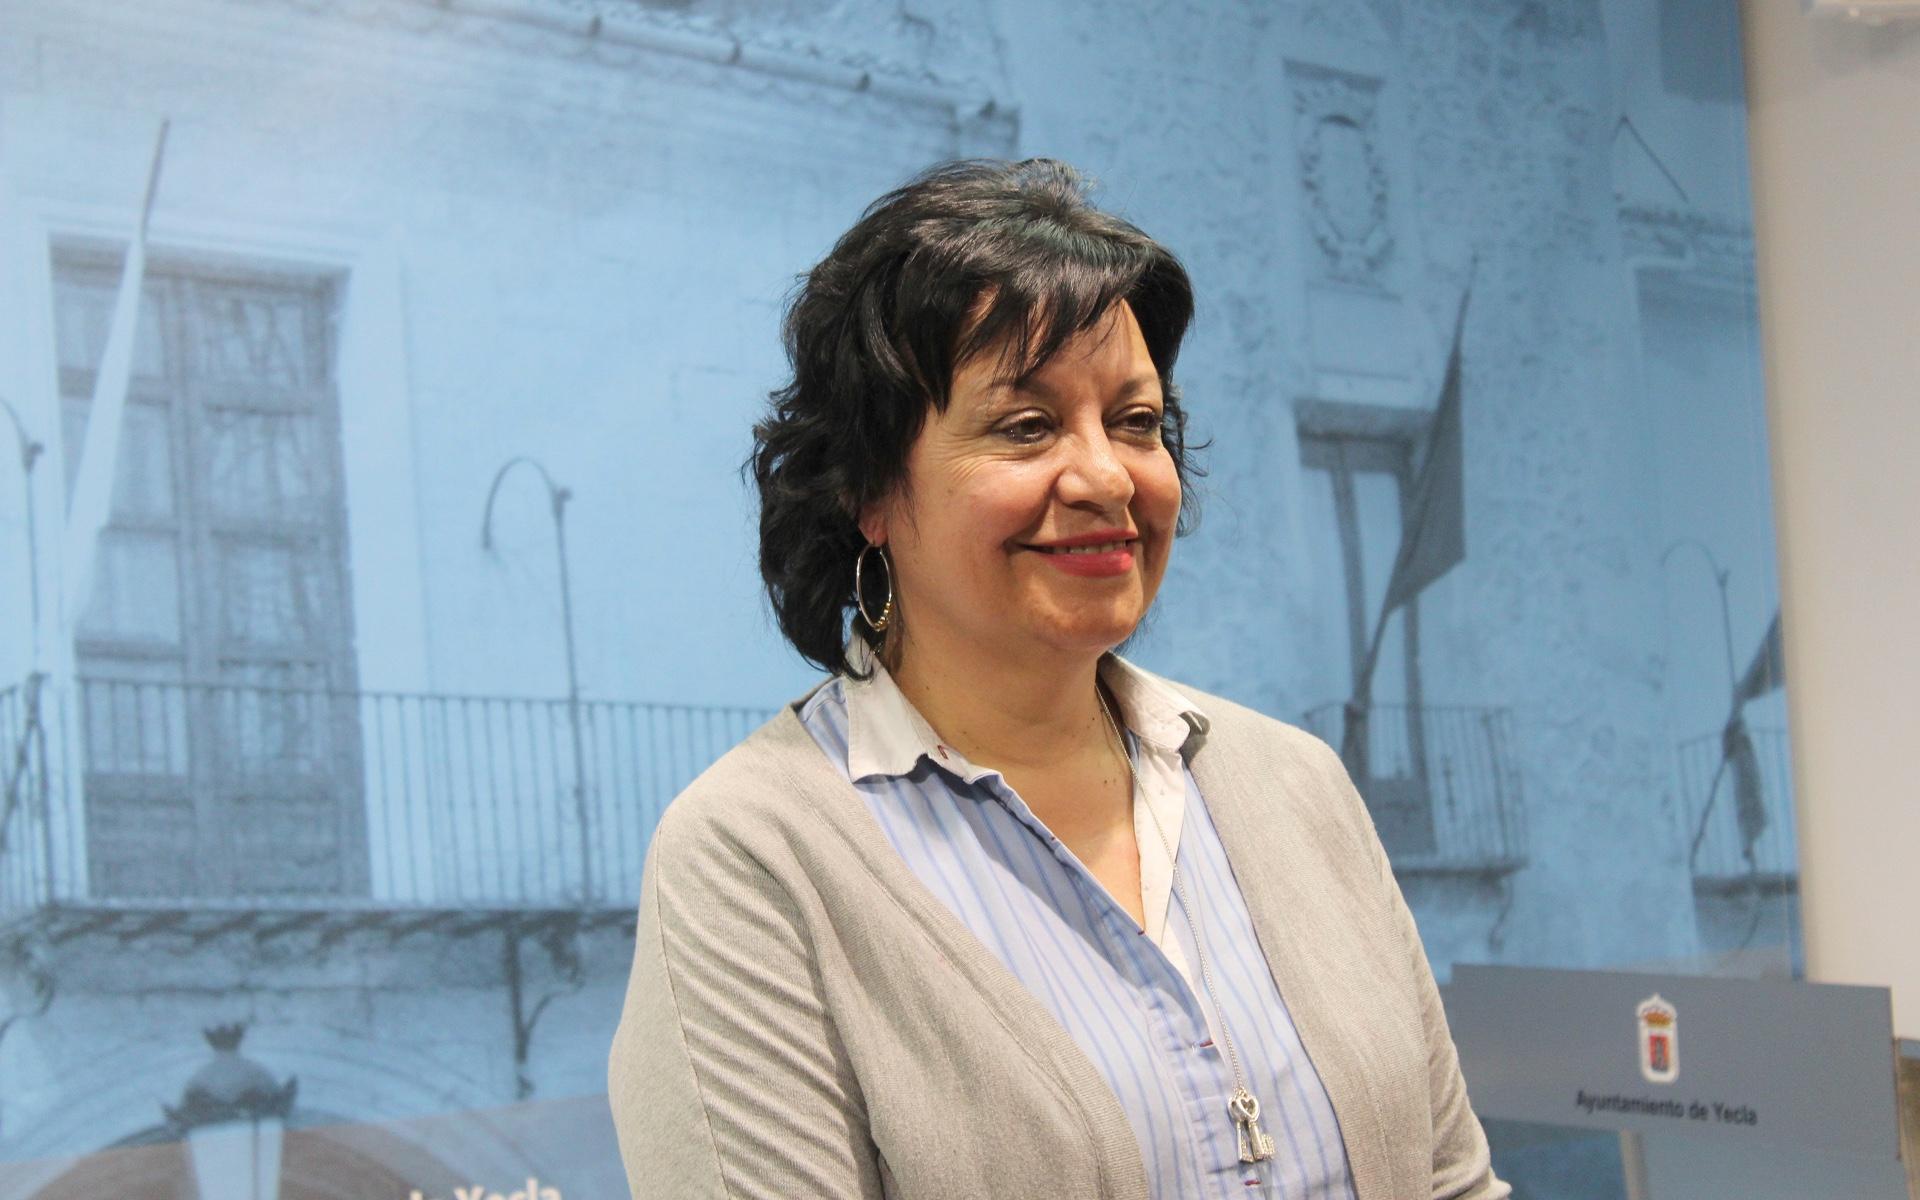 Actividades programadas desde la Concejalía de Mujer de Yecla por la celebración del 8 de marzo